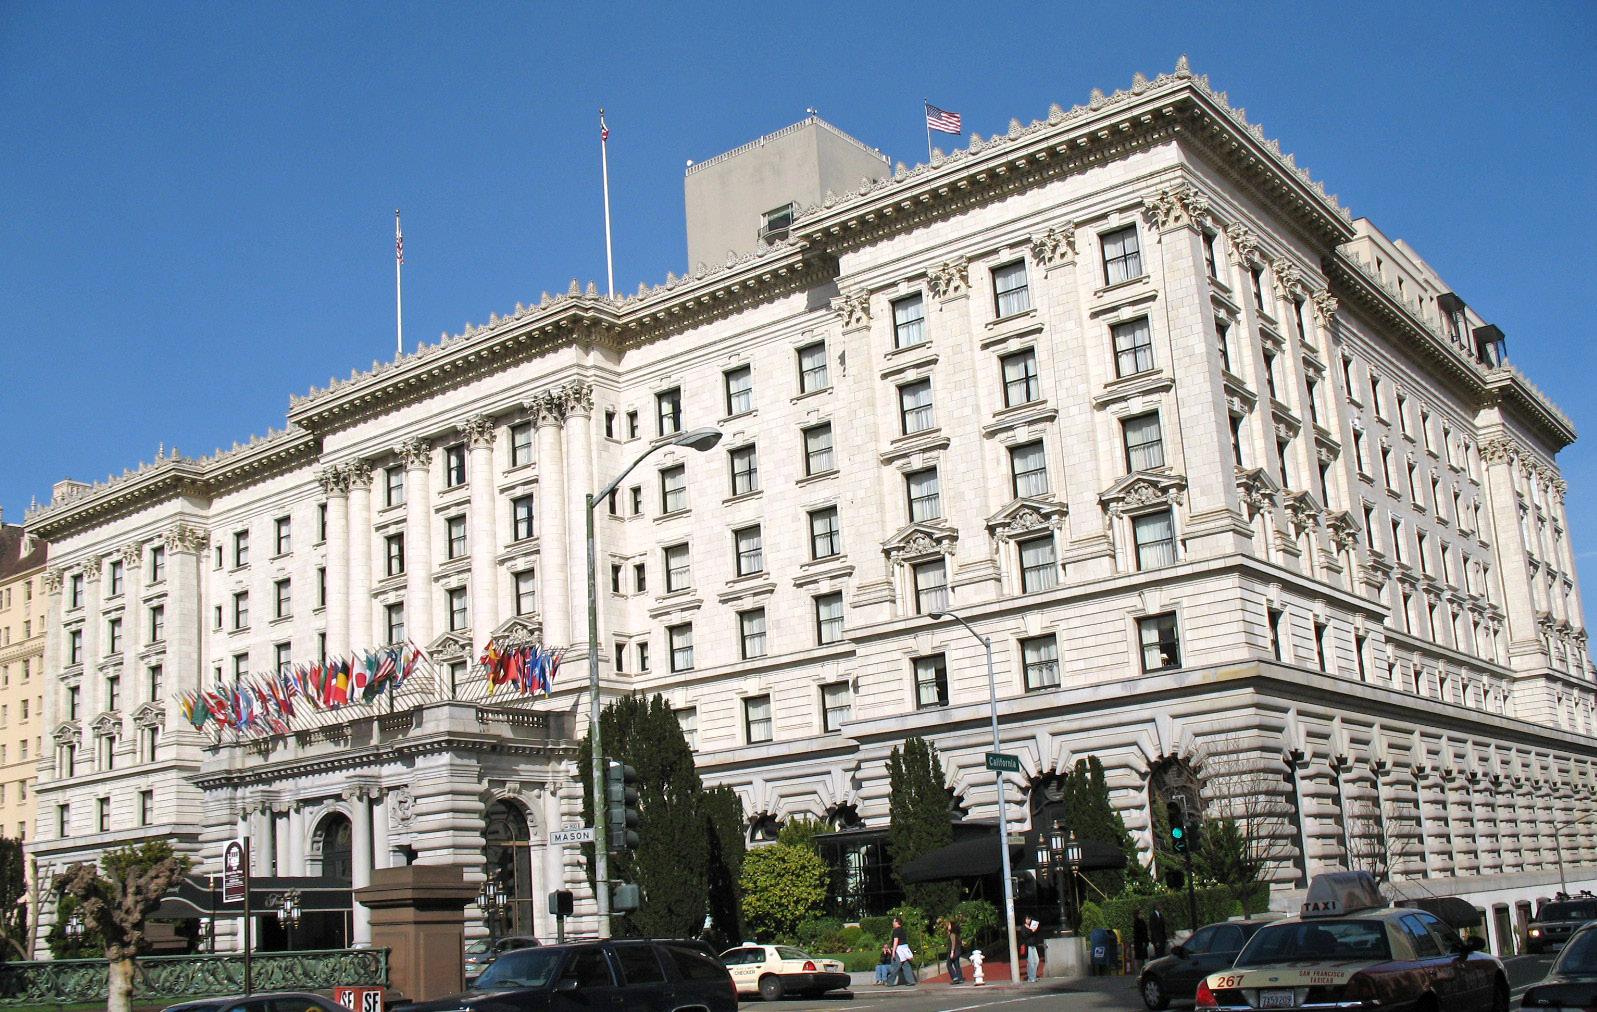 Woodridge Capital To Acquire Fairmont Hotel For 200m